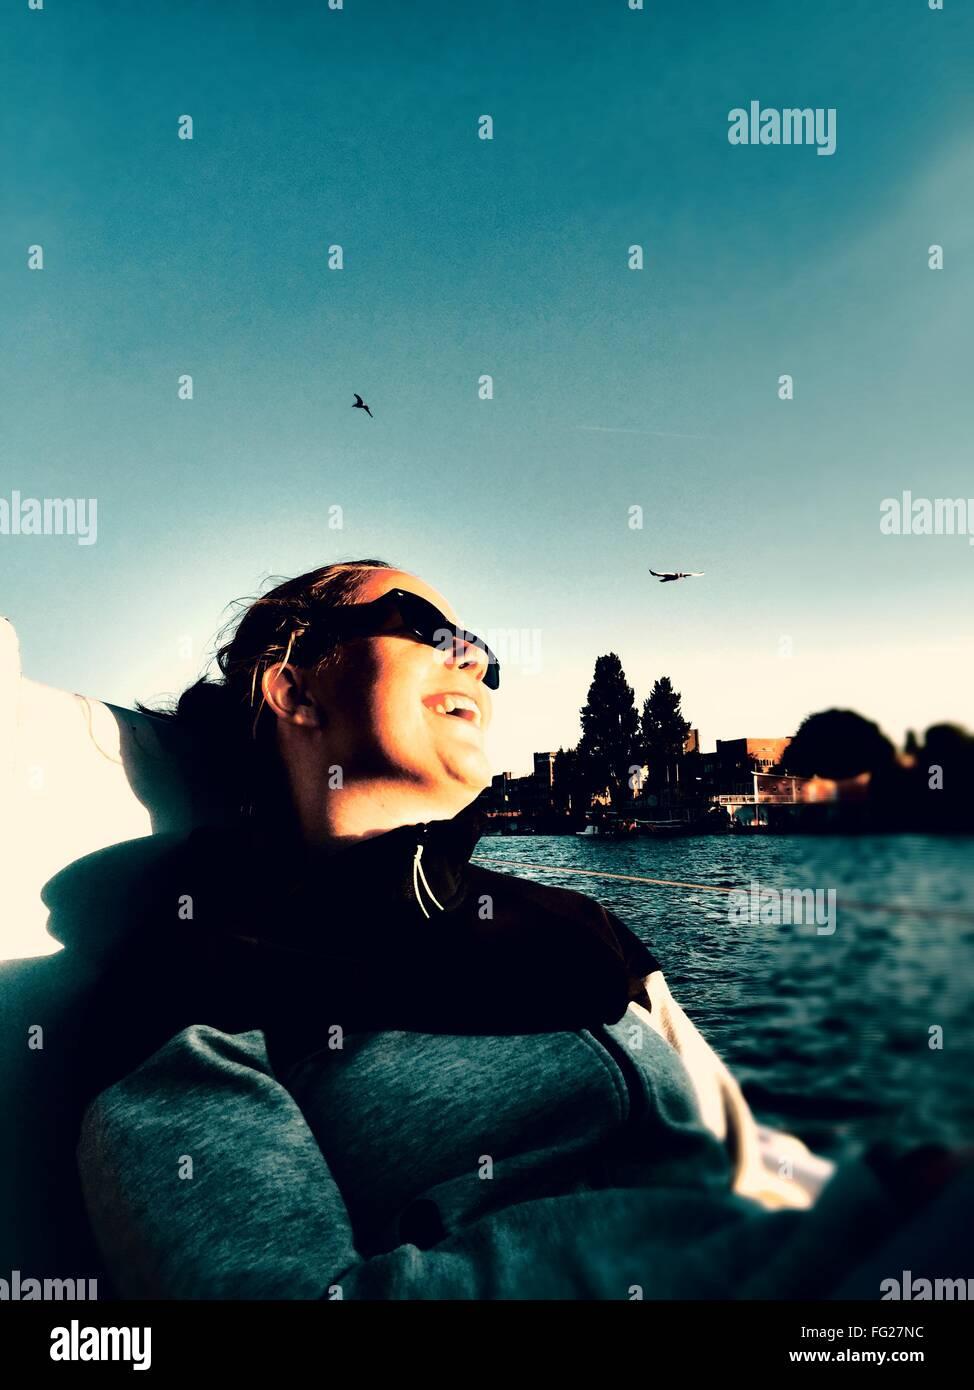 Ángulo de visión baja de Mujer sentada en buque náuticas en el río Imagen De Stock